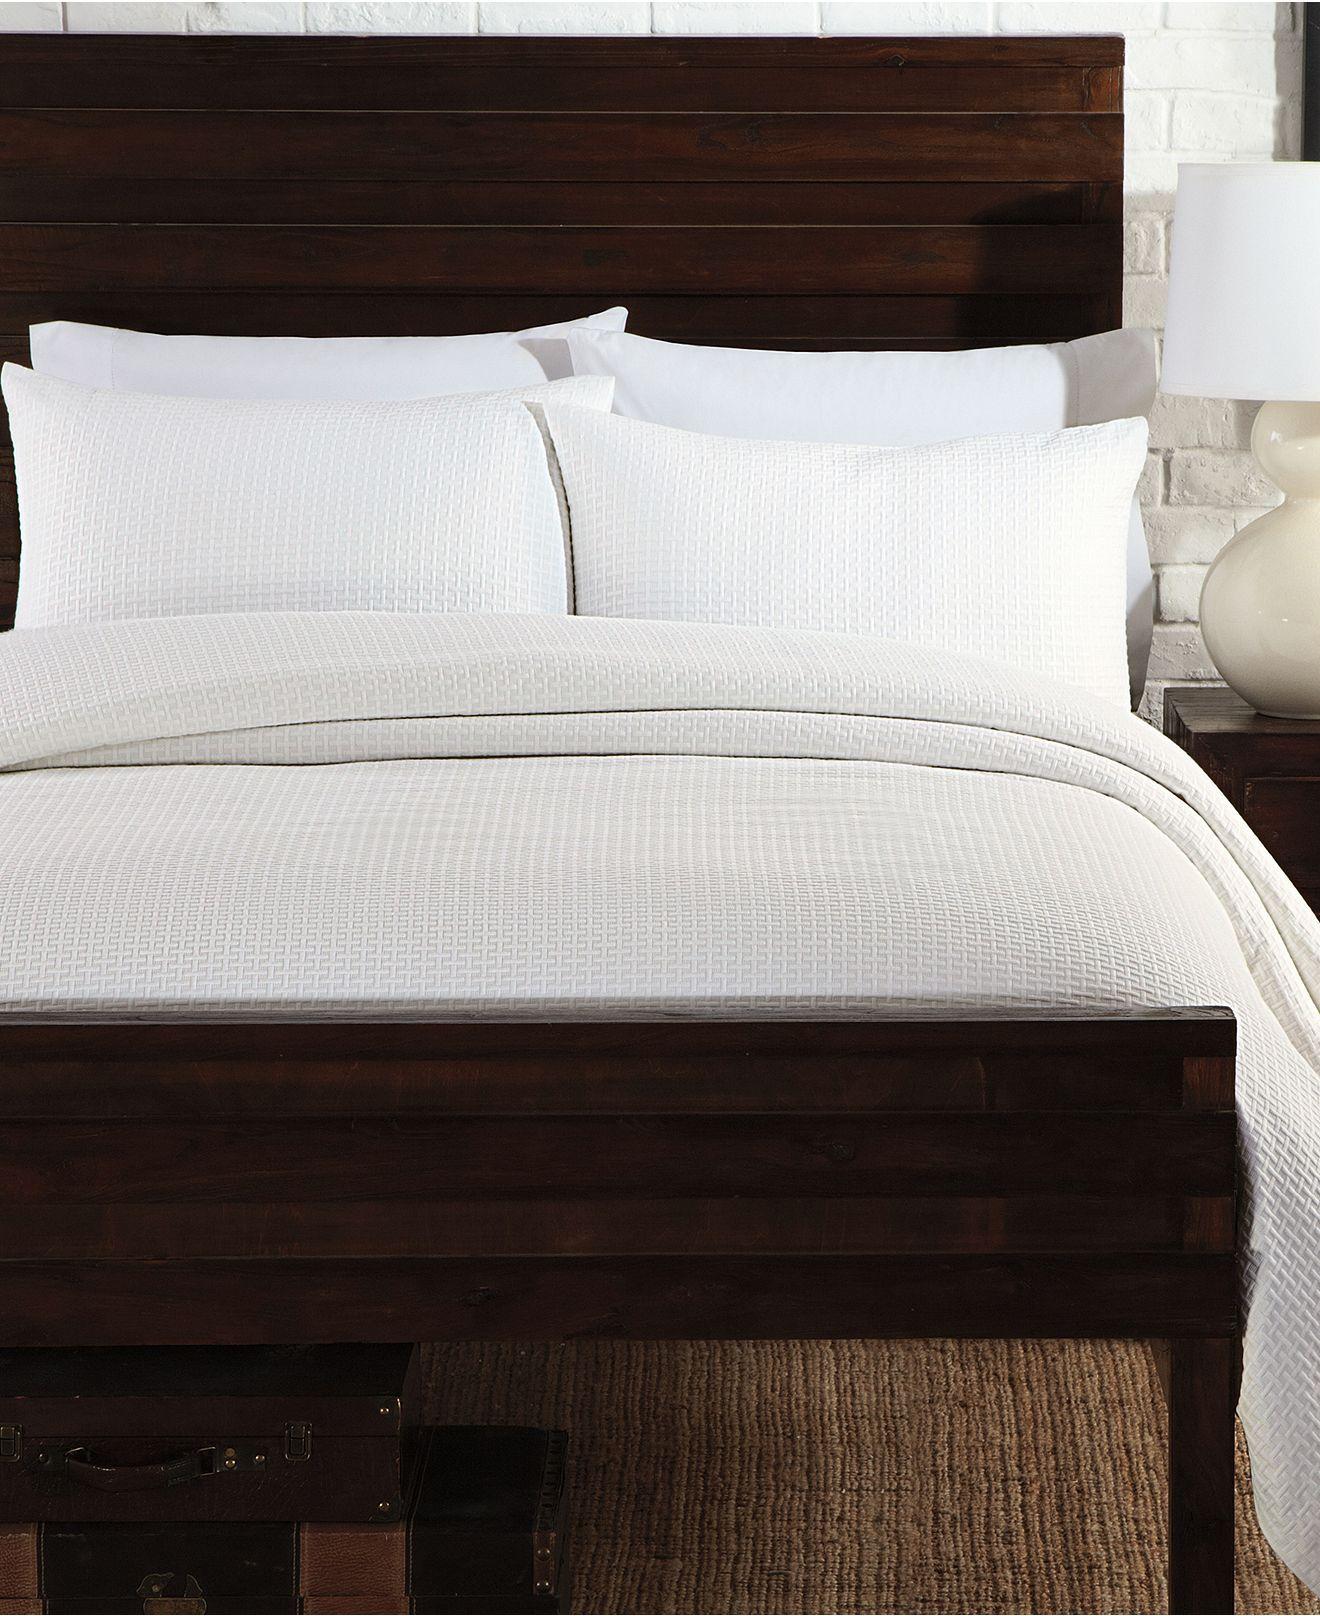 basketweave coverlet set - quilts & bedspreads - bed & bath